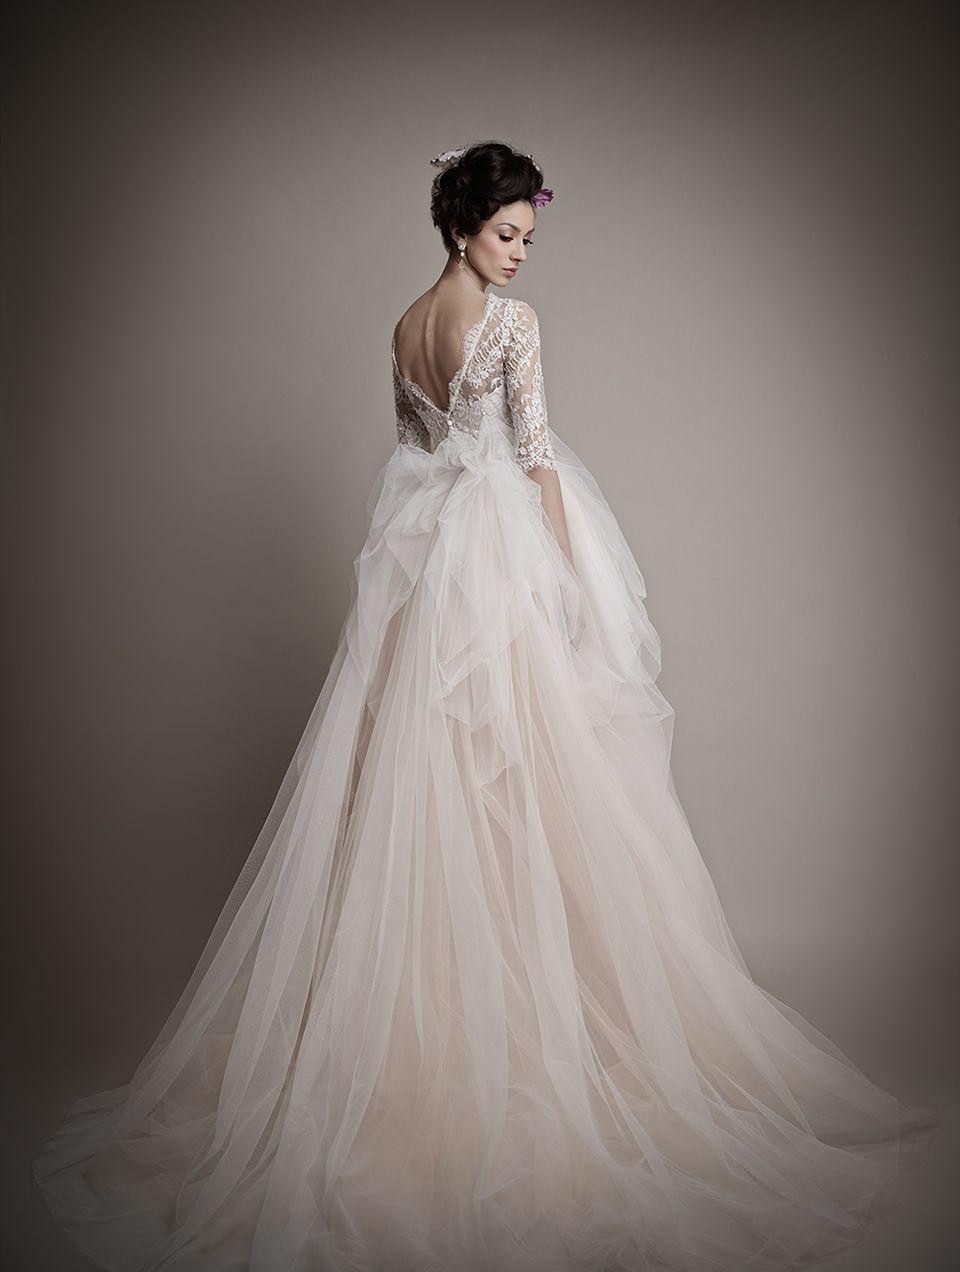 Glamorous & Elegant Wedding Dresses from Ersa Atelier | Sleeved ...